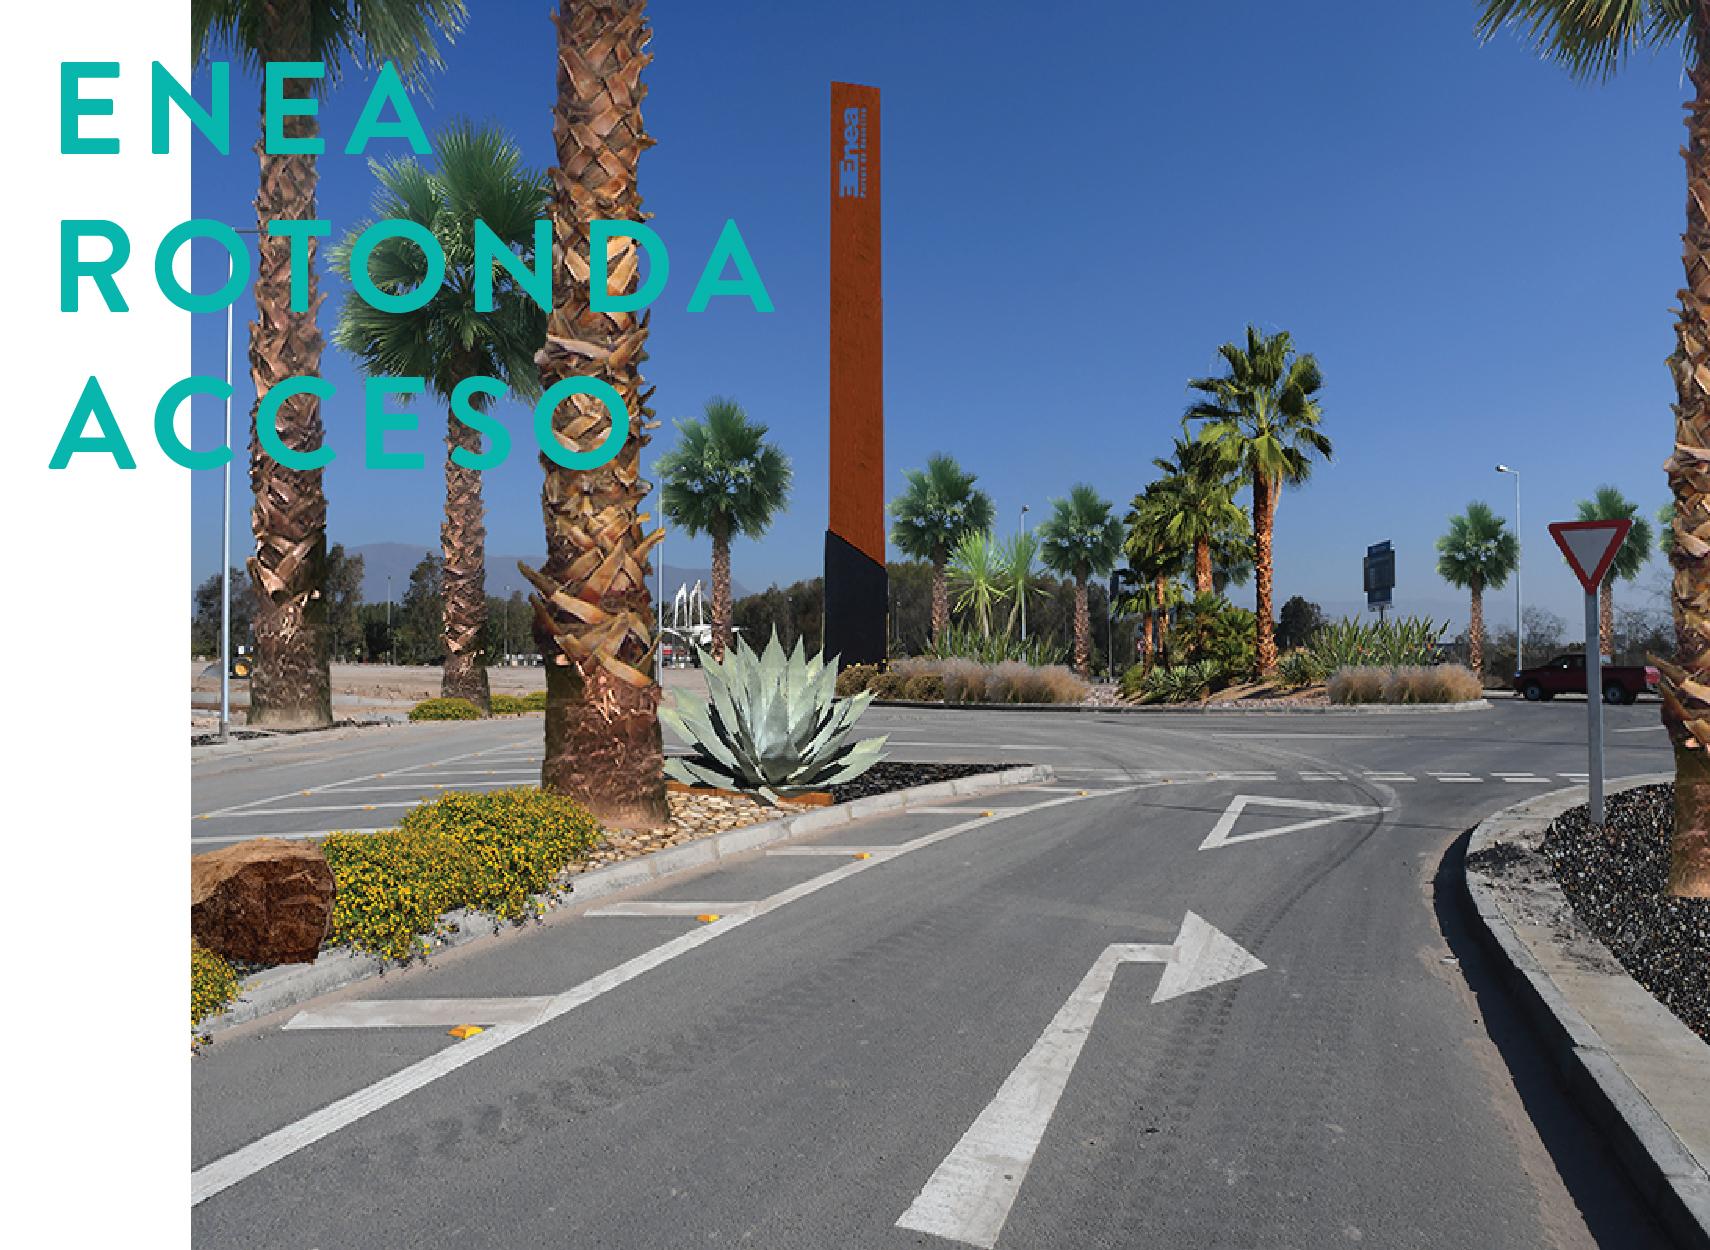 Formato Panoramico ENEA ROTONDA ACCESO-01.jpg